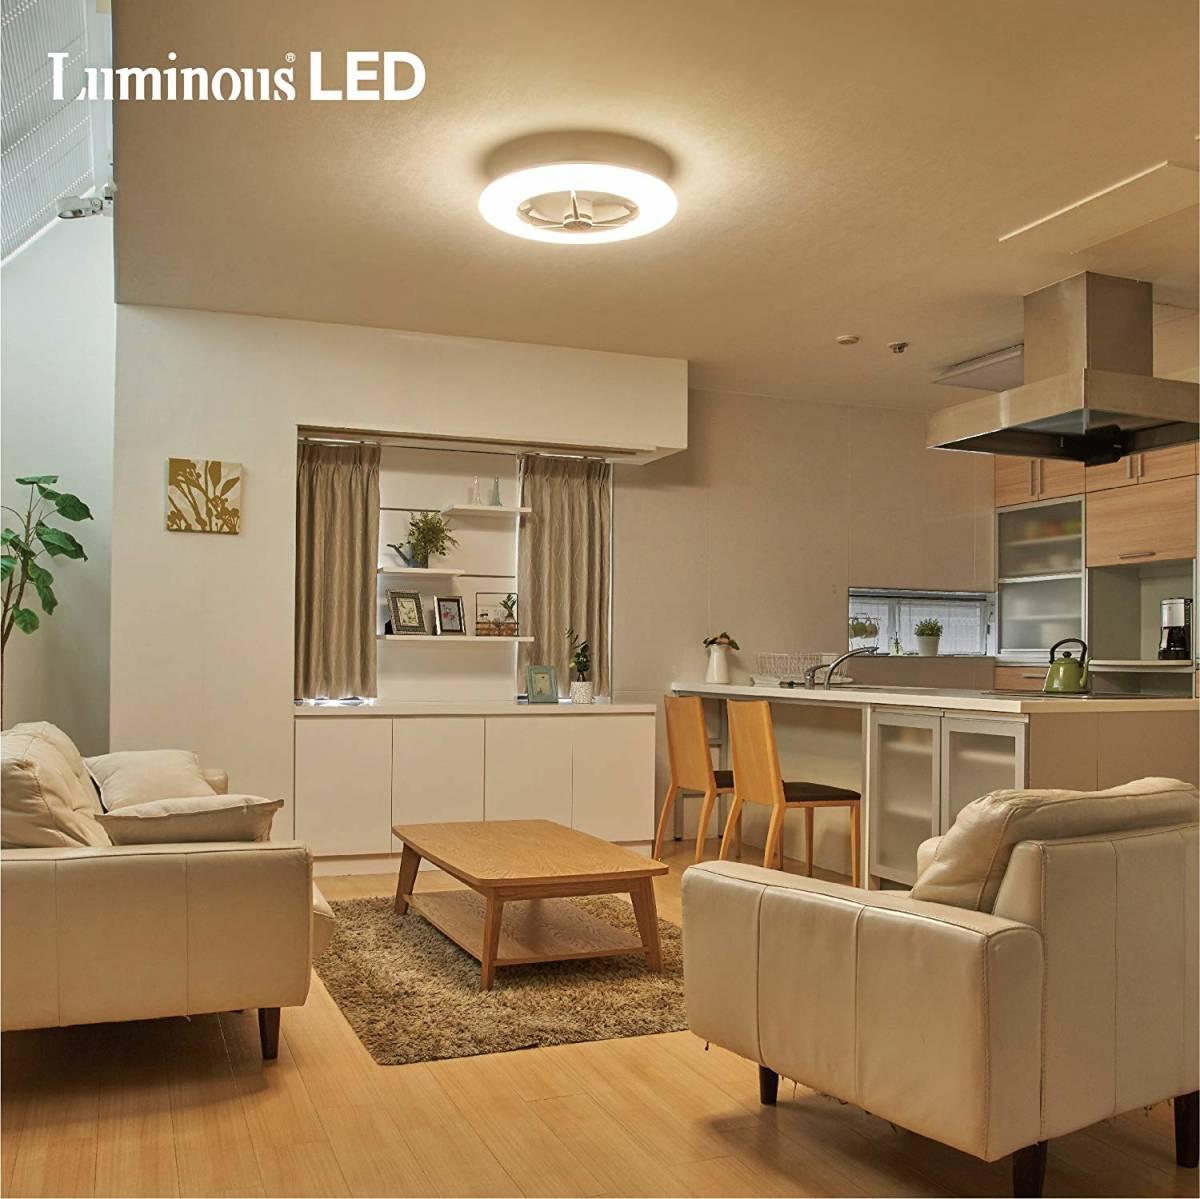 LED シーリングサーキュレーター ルミナス ~8畳 調光調色タイプ 光拡散レンズ搭載 シンプルリモコン付き ACC-08CM154_画像4